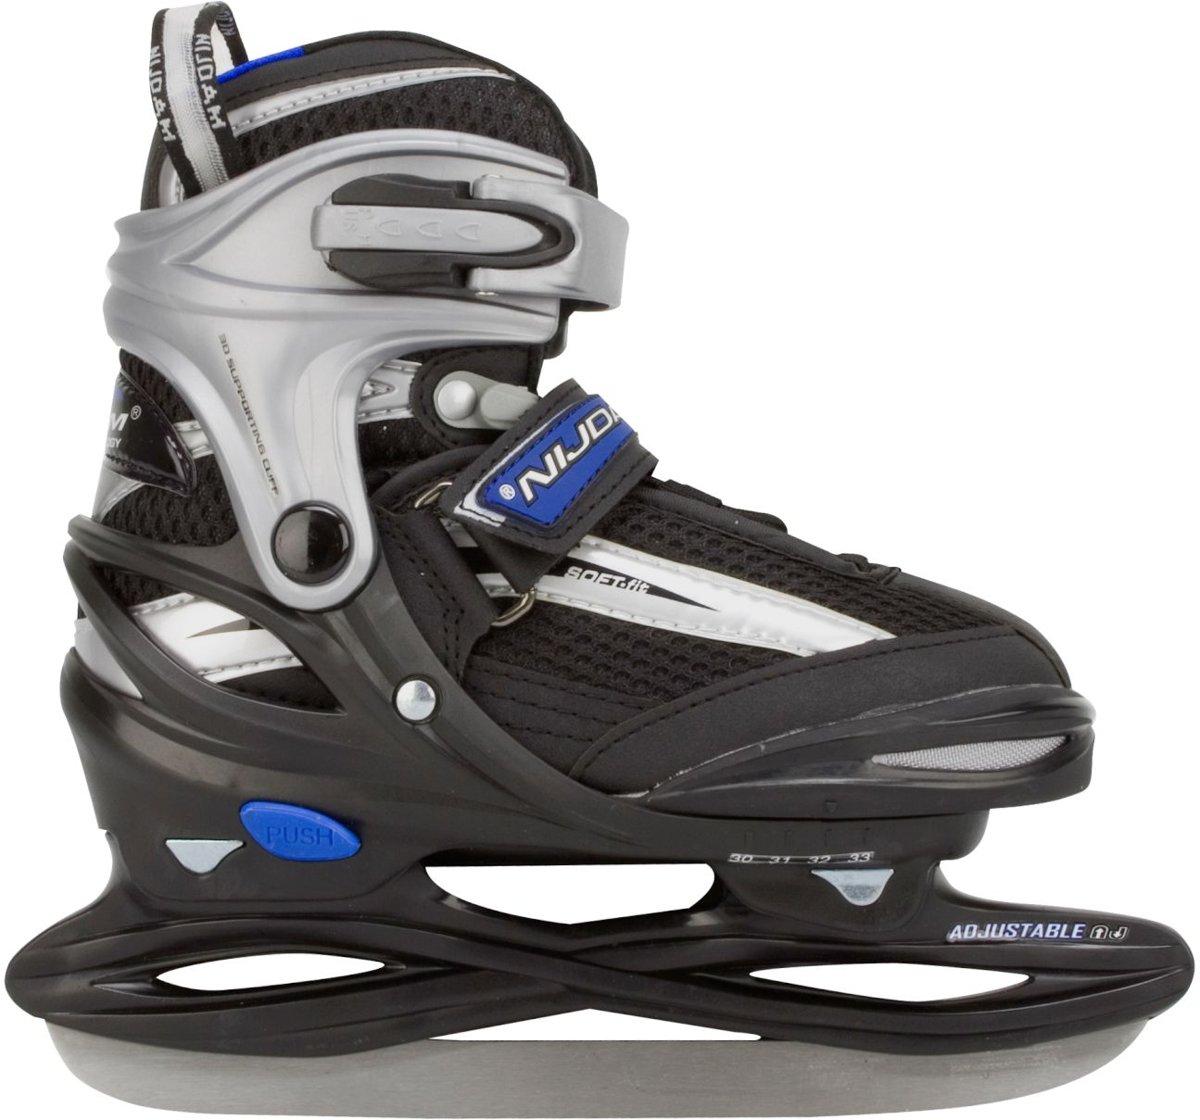 Nijdam 3172 Junior IJshockeyschaats - Verstelbaar - Semi-Softboot - Grijs/Zwart - Maat 38-41